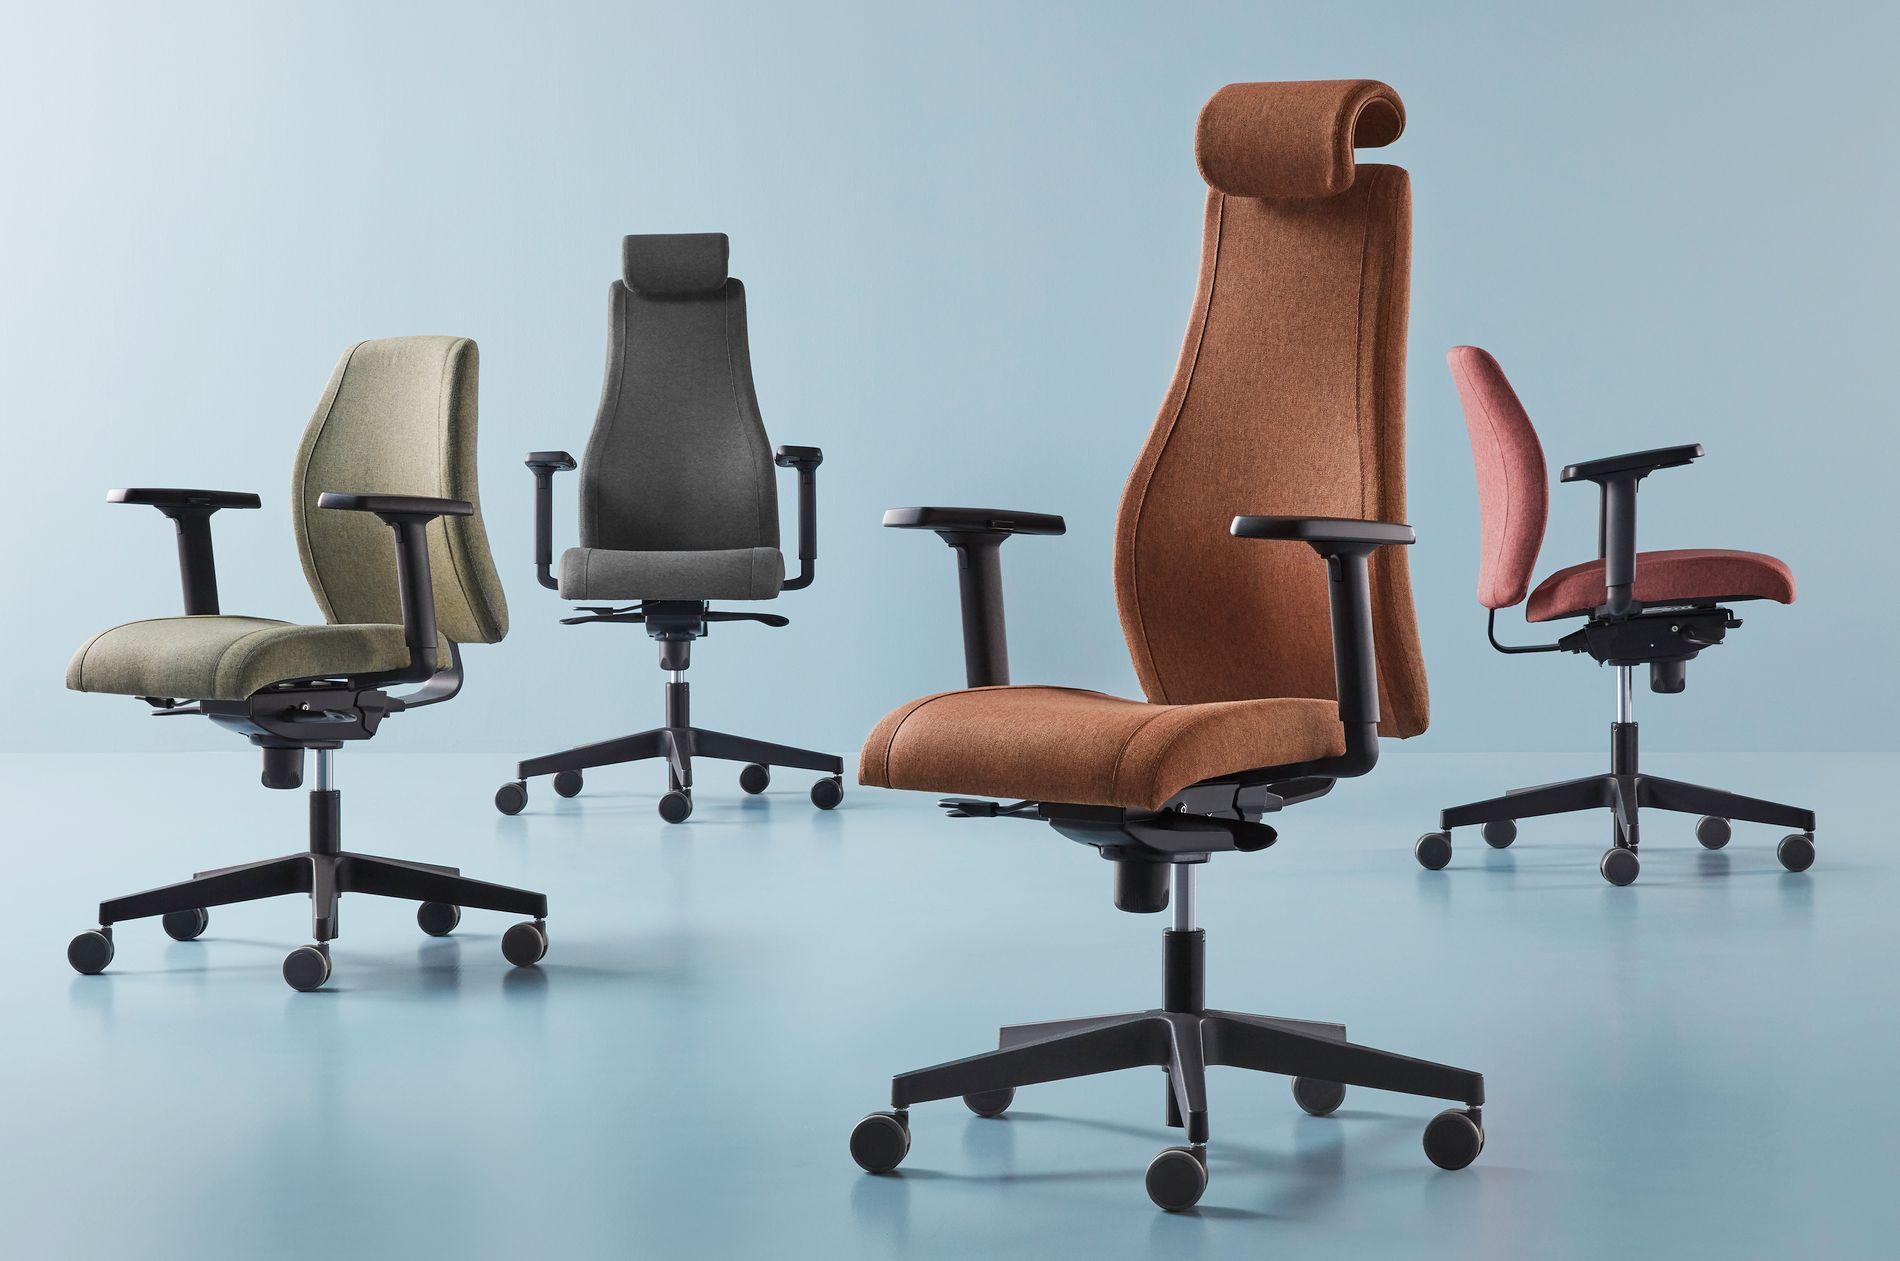 Det er ikke bare på veggene man ser økt bruk av farger. Nå blir det stadig mer populært med farger også i kontormøblene. Bildet viser kontorsstolen kalt Lancaster, som er laget av 100 prosent resirkulert tekstil av PET-flasker.